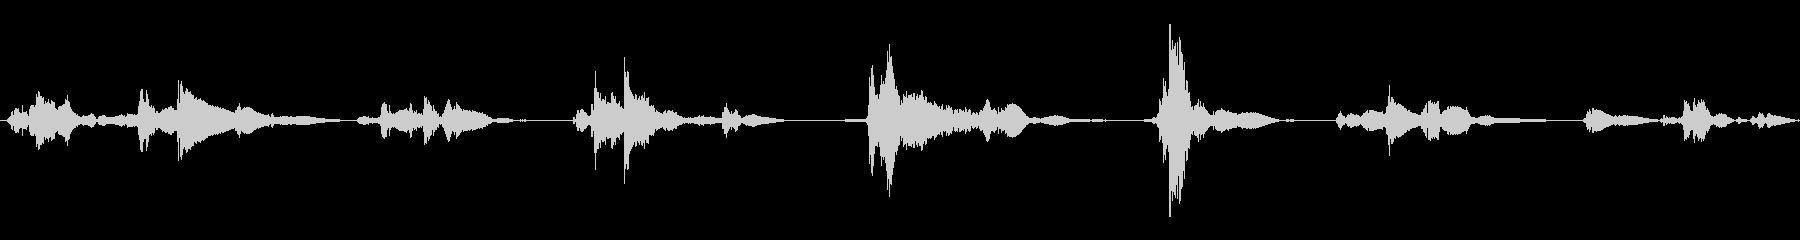 空の55ガロンドラム:いくつかのロ...の未再生の波形